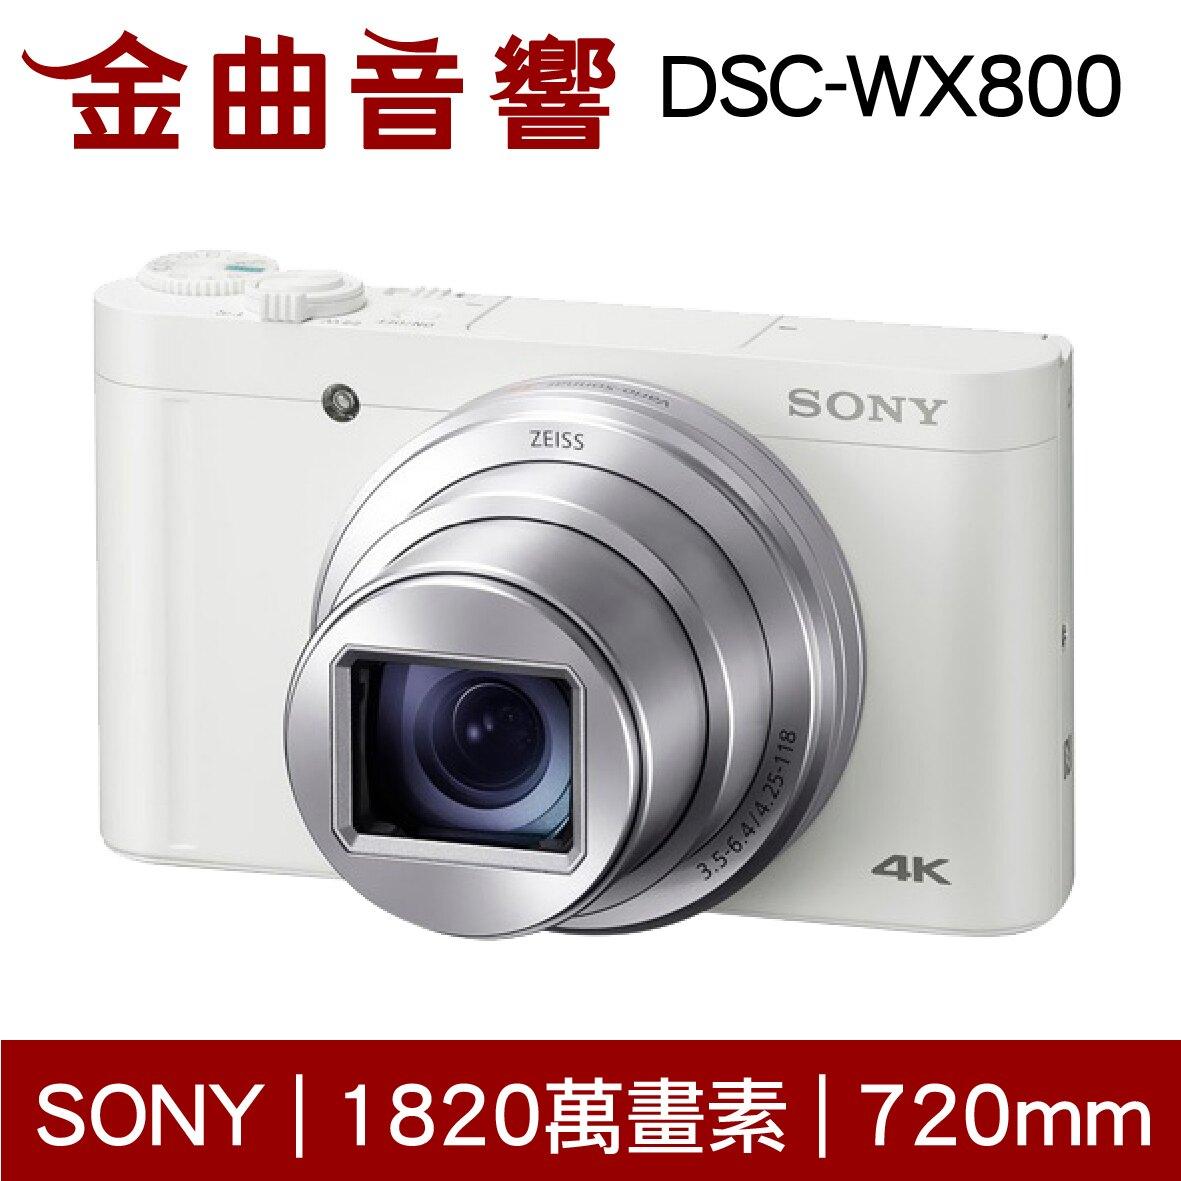 SONY 索尼 DSC-WX800 兩色可選 WX系列 數位相機 WX800 | 金曲音響